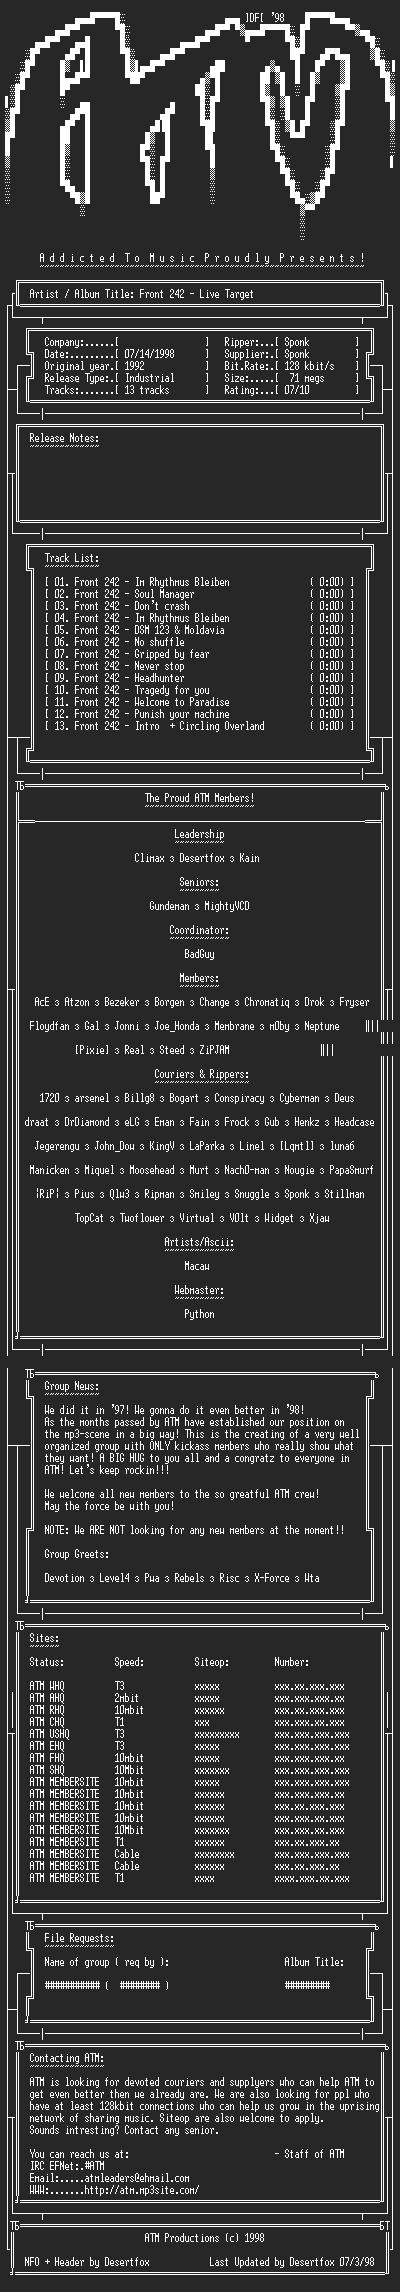 NFO file for Front_242_-_Live_Target_(1992)_-_ATM